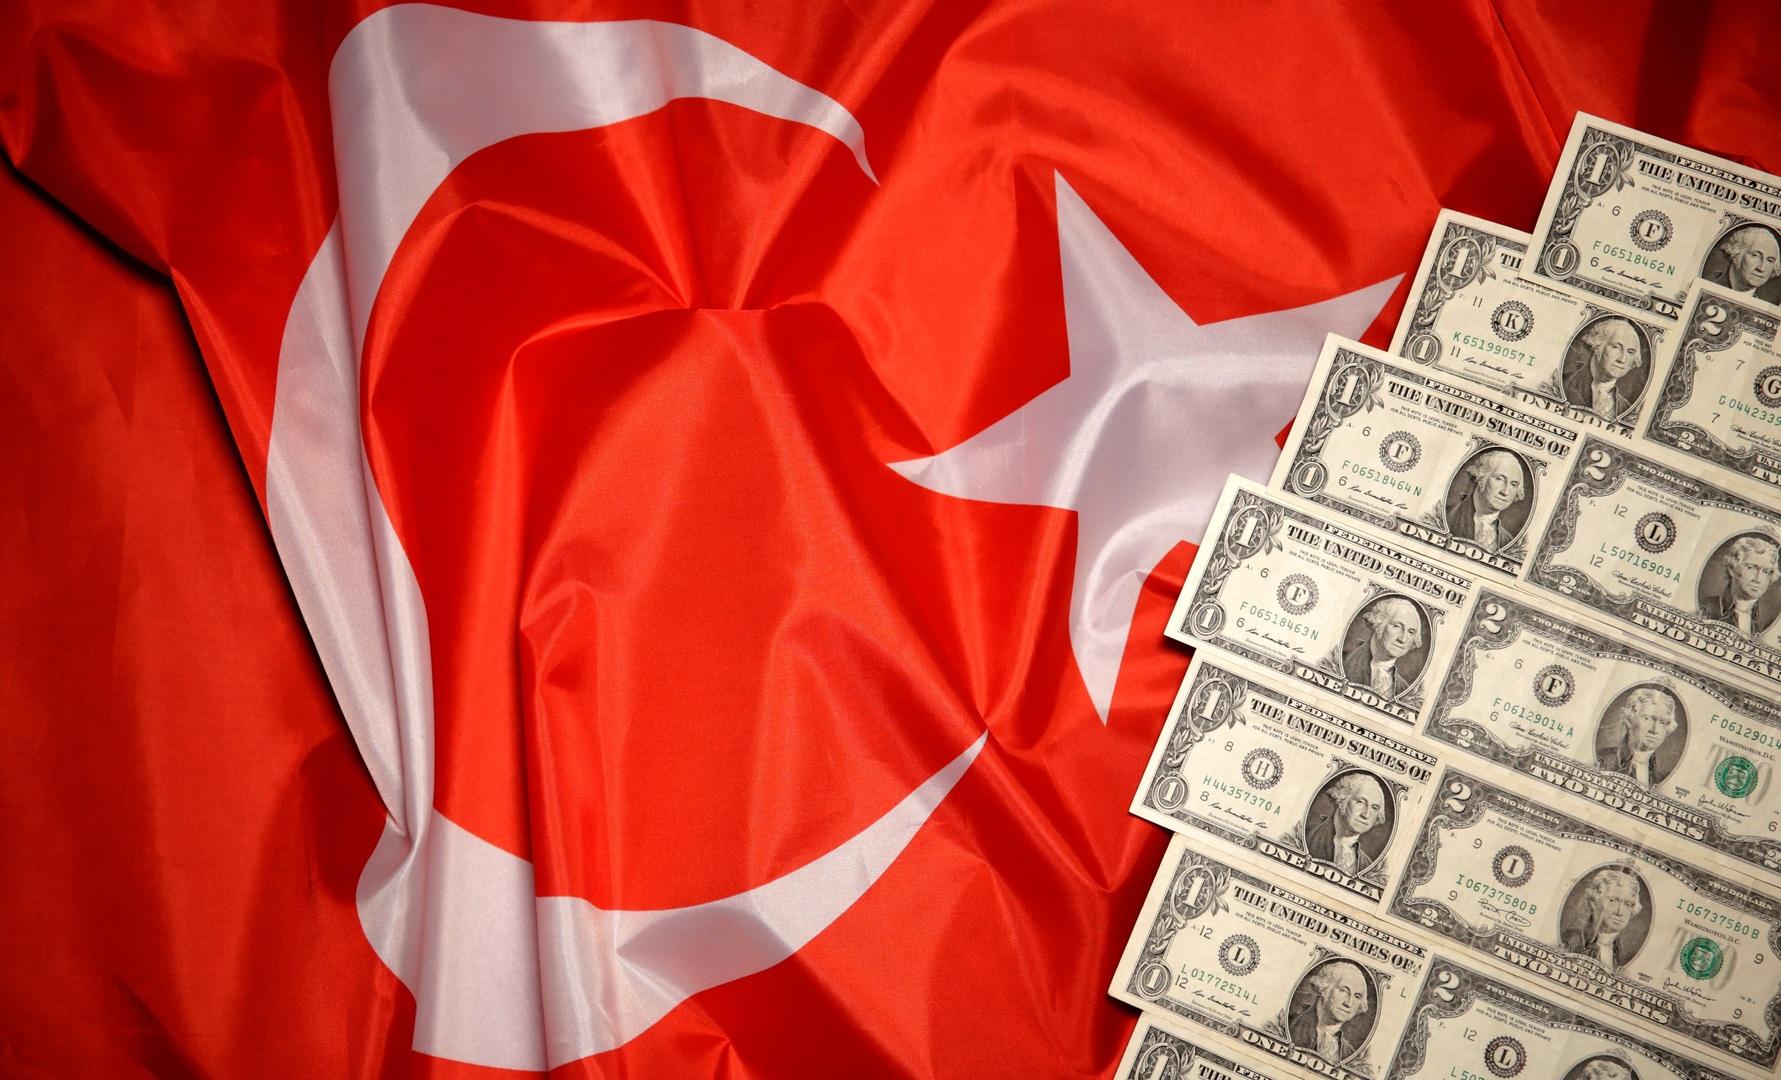 التضخم في تركيا عند مستويات غير متوقعة